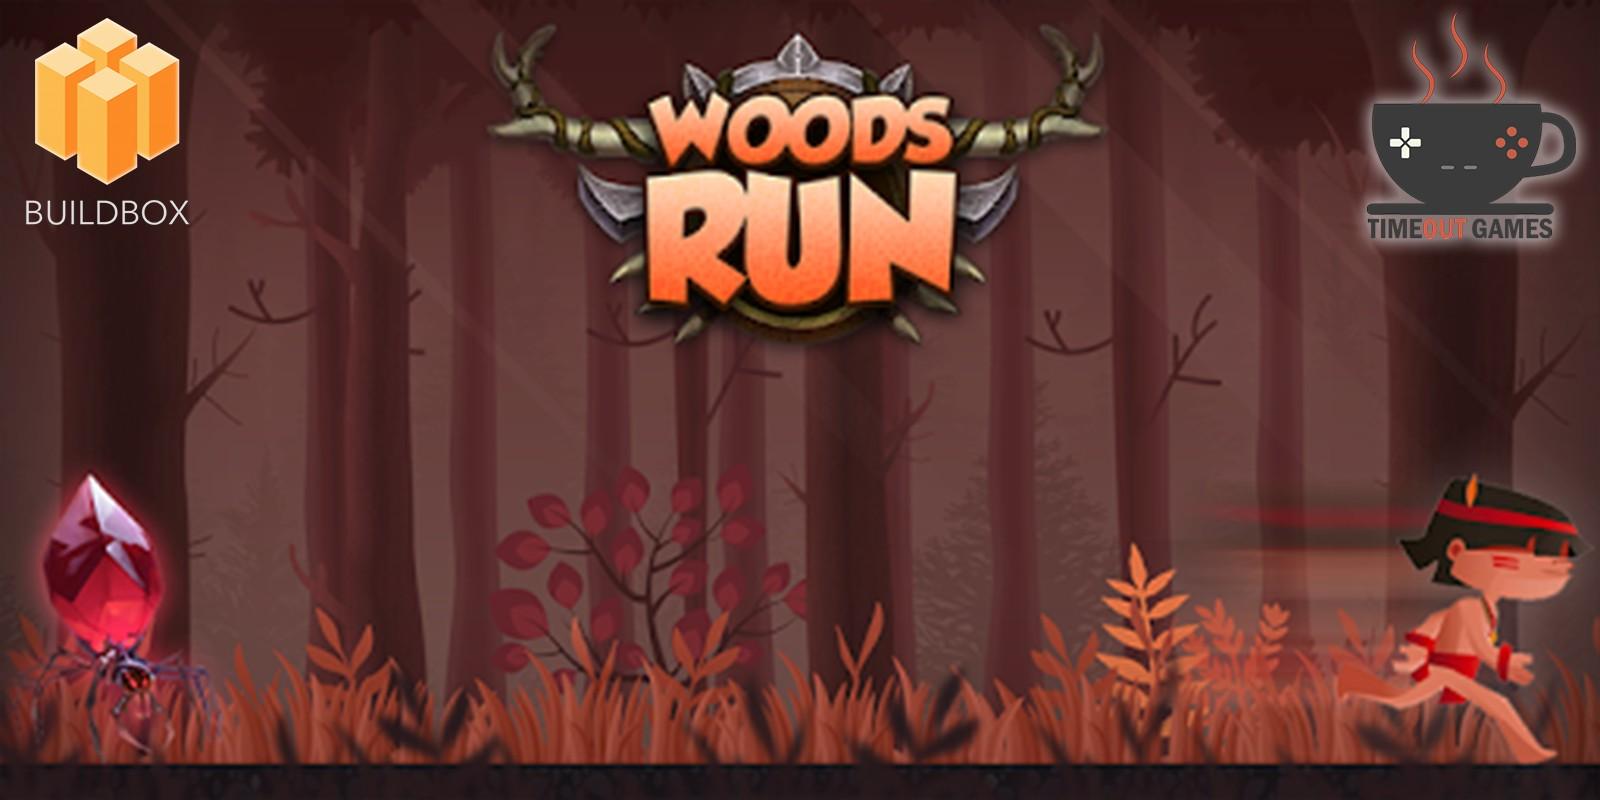 Woods Run - Full Buildbox Game